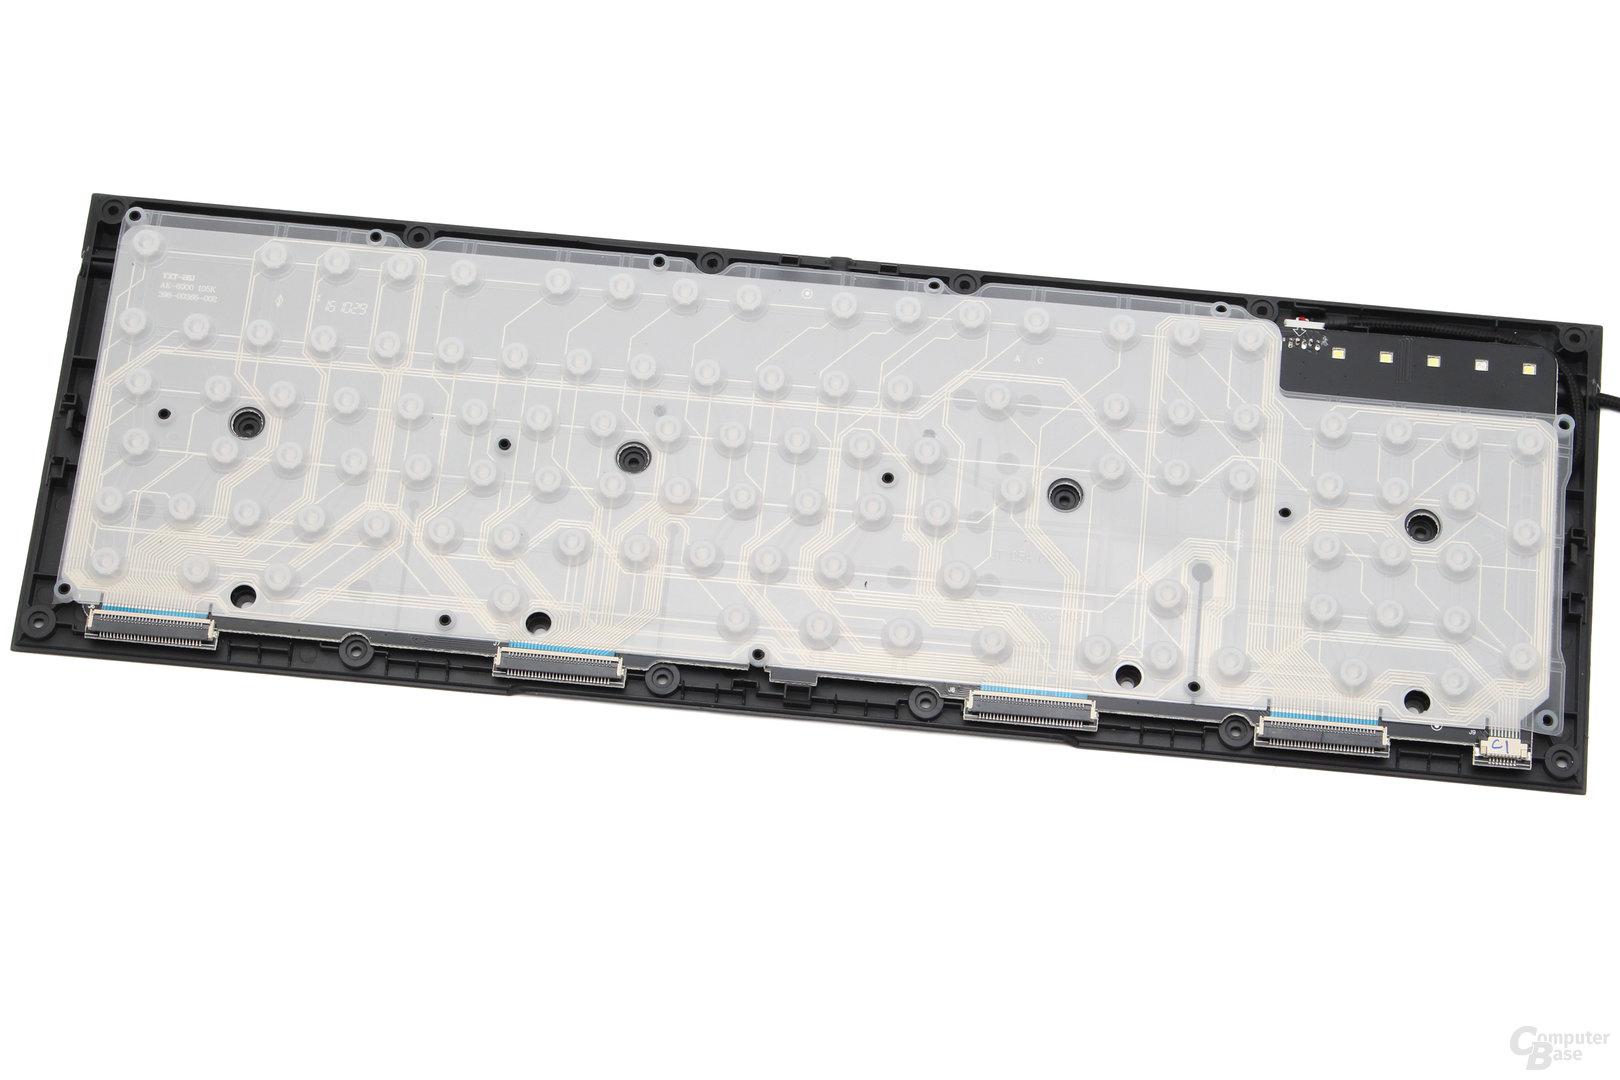 Bis auf das PCB ist die Ornata eine gewöhnliche Rubberdome-Tastatur